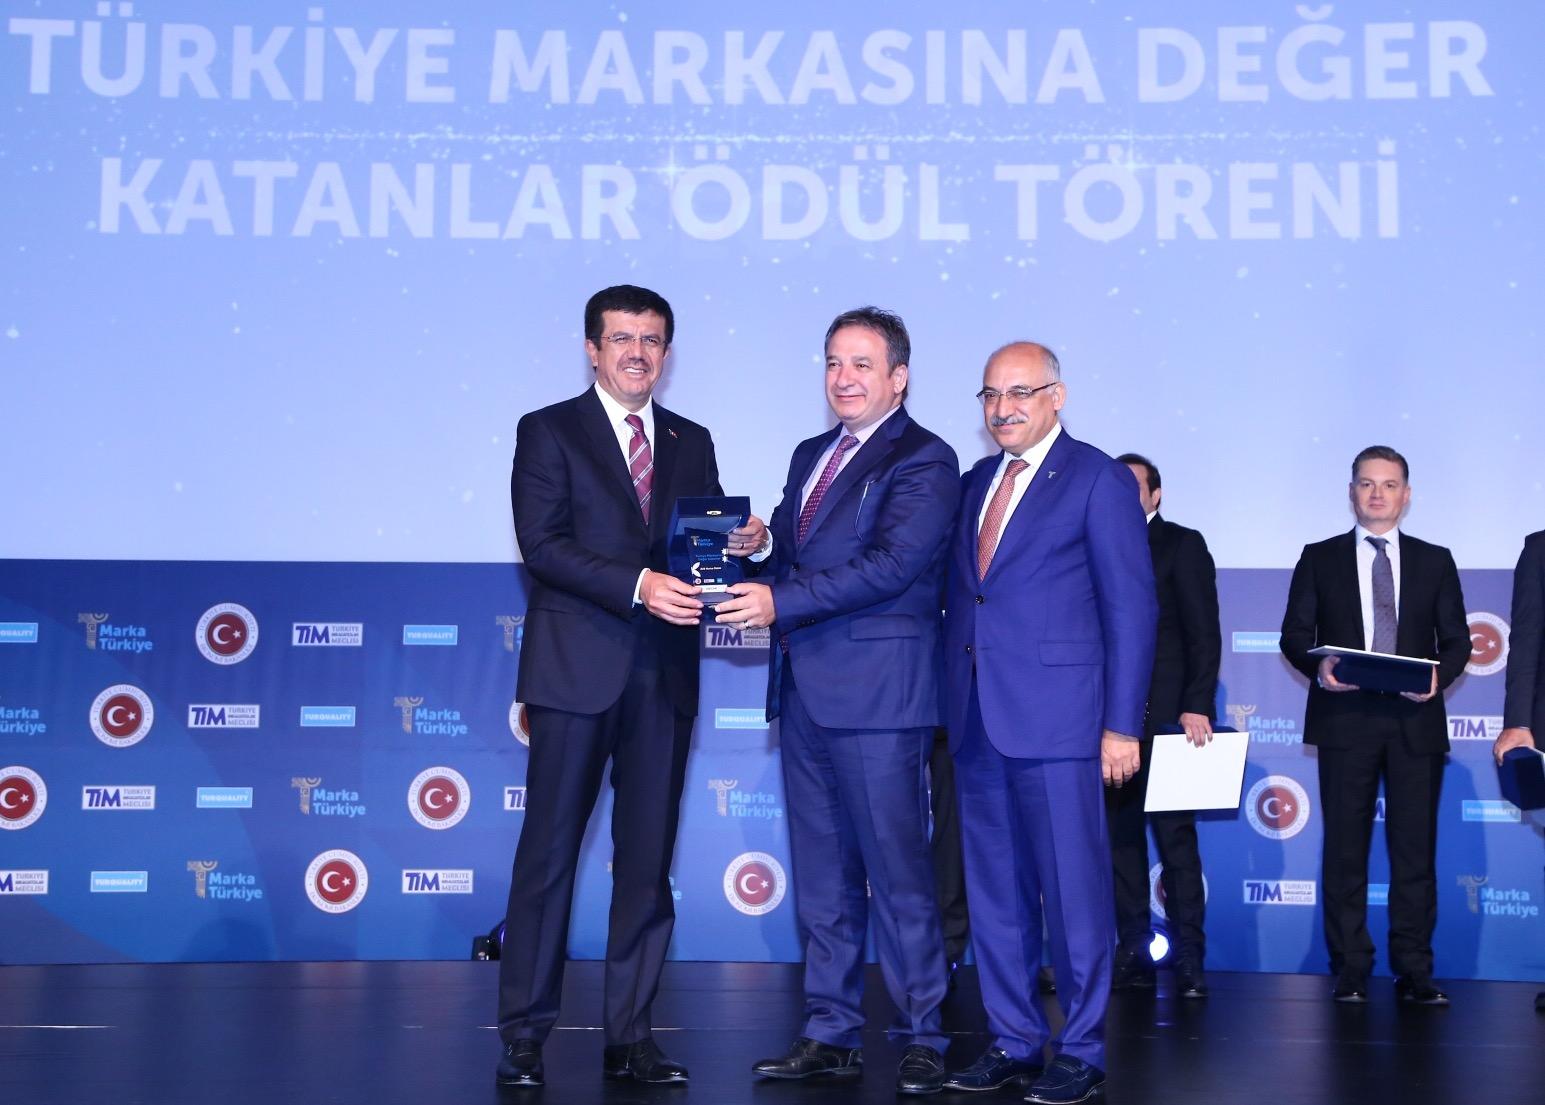 ŞİŞECAM'A 'DEĞER KATAN MARKA' ÖDÜLÜ